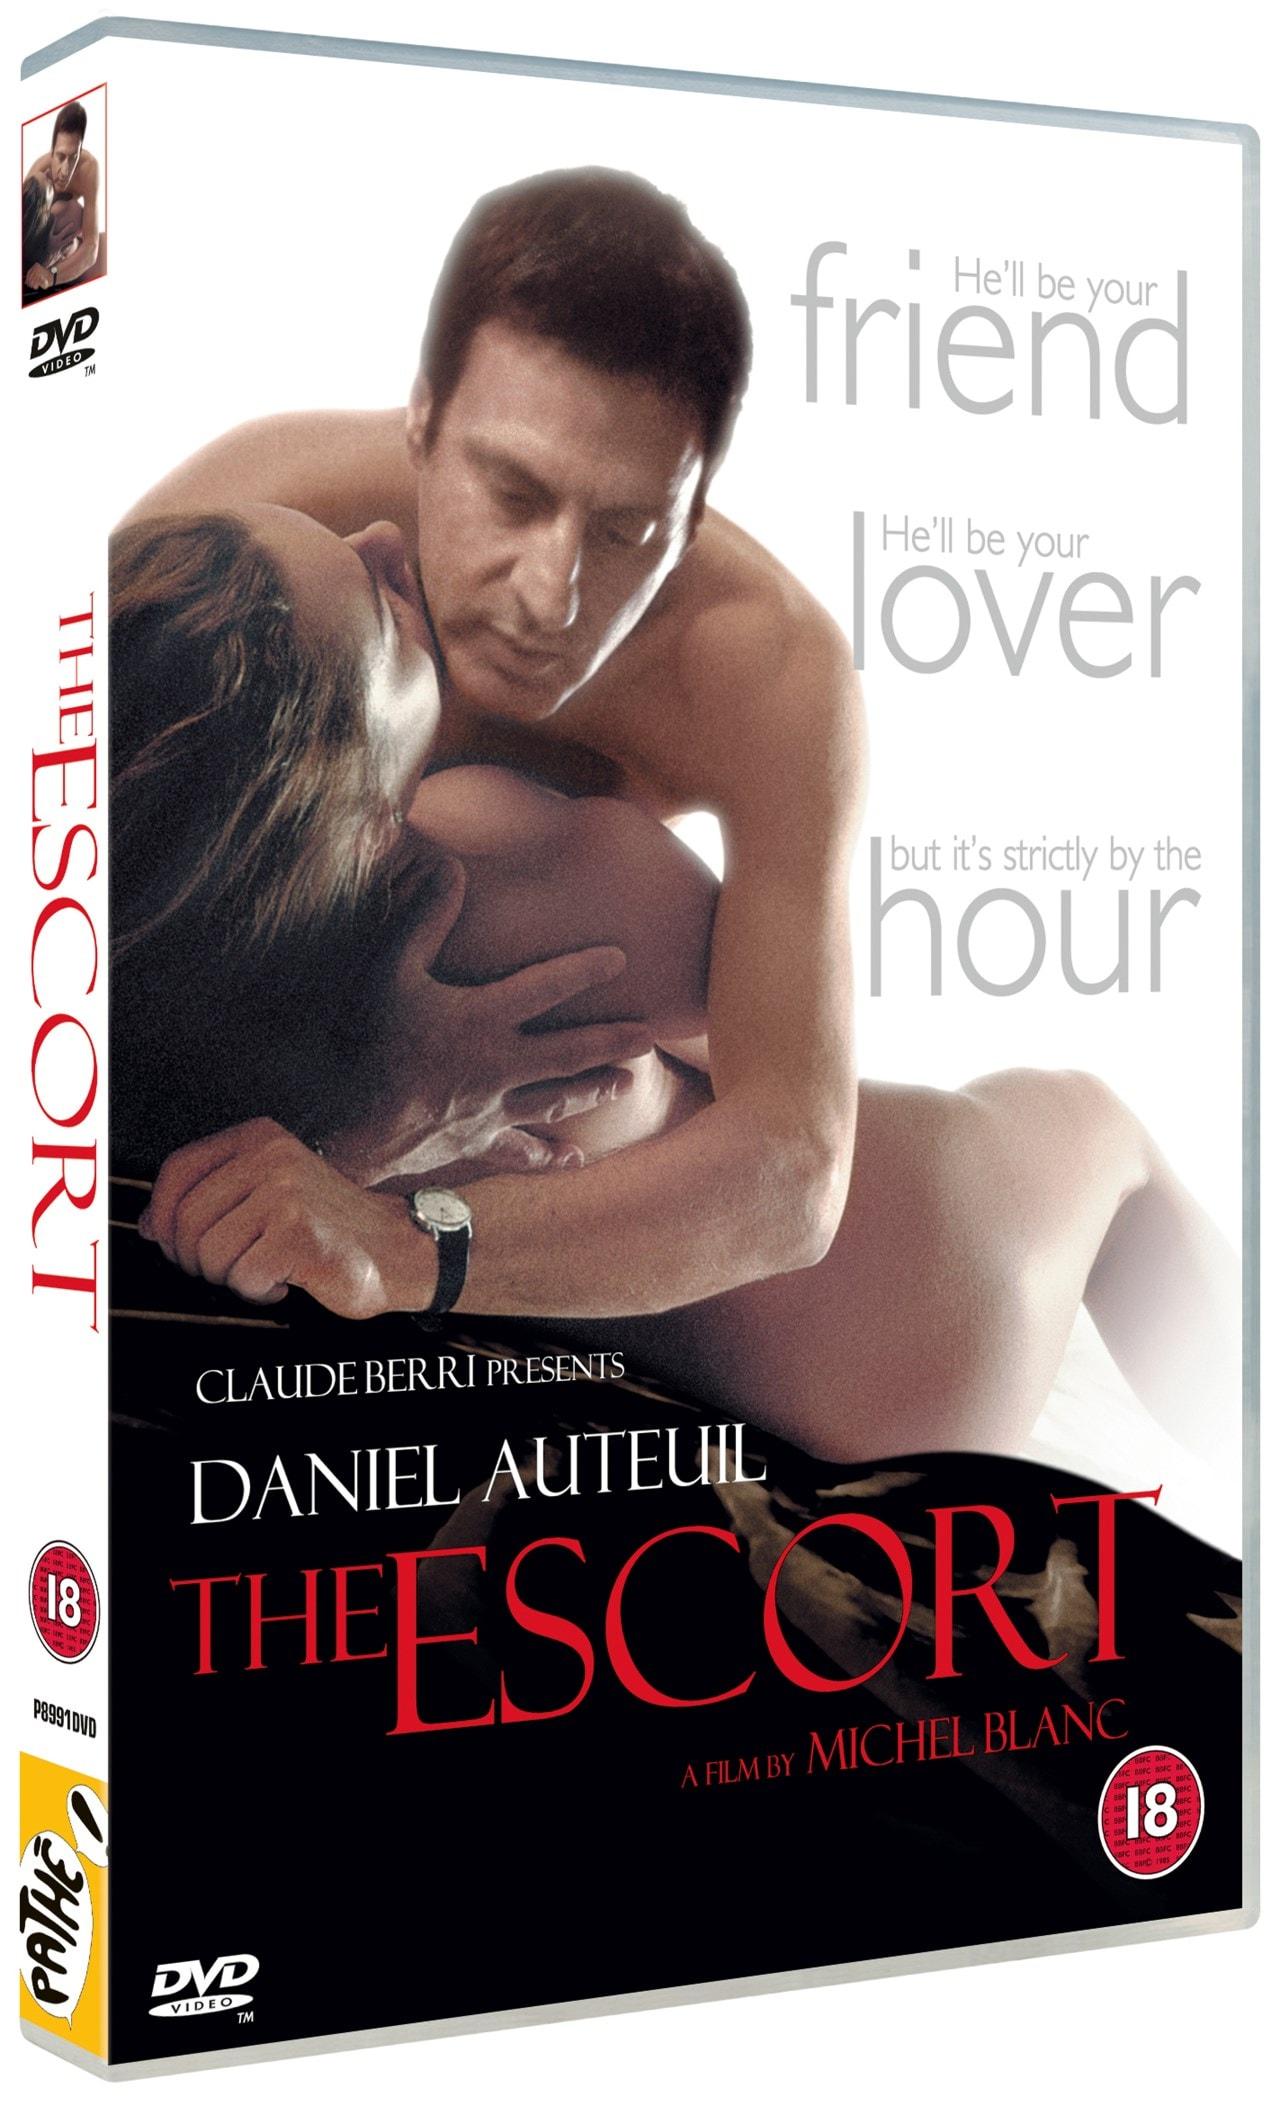 The Escort - 2